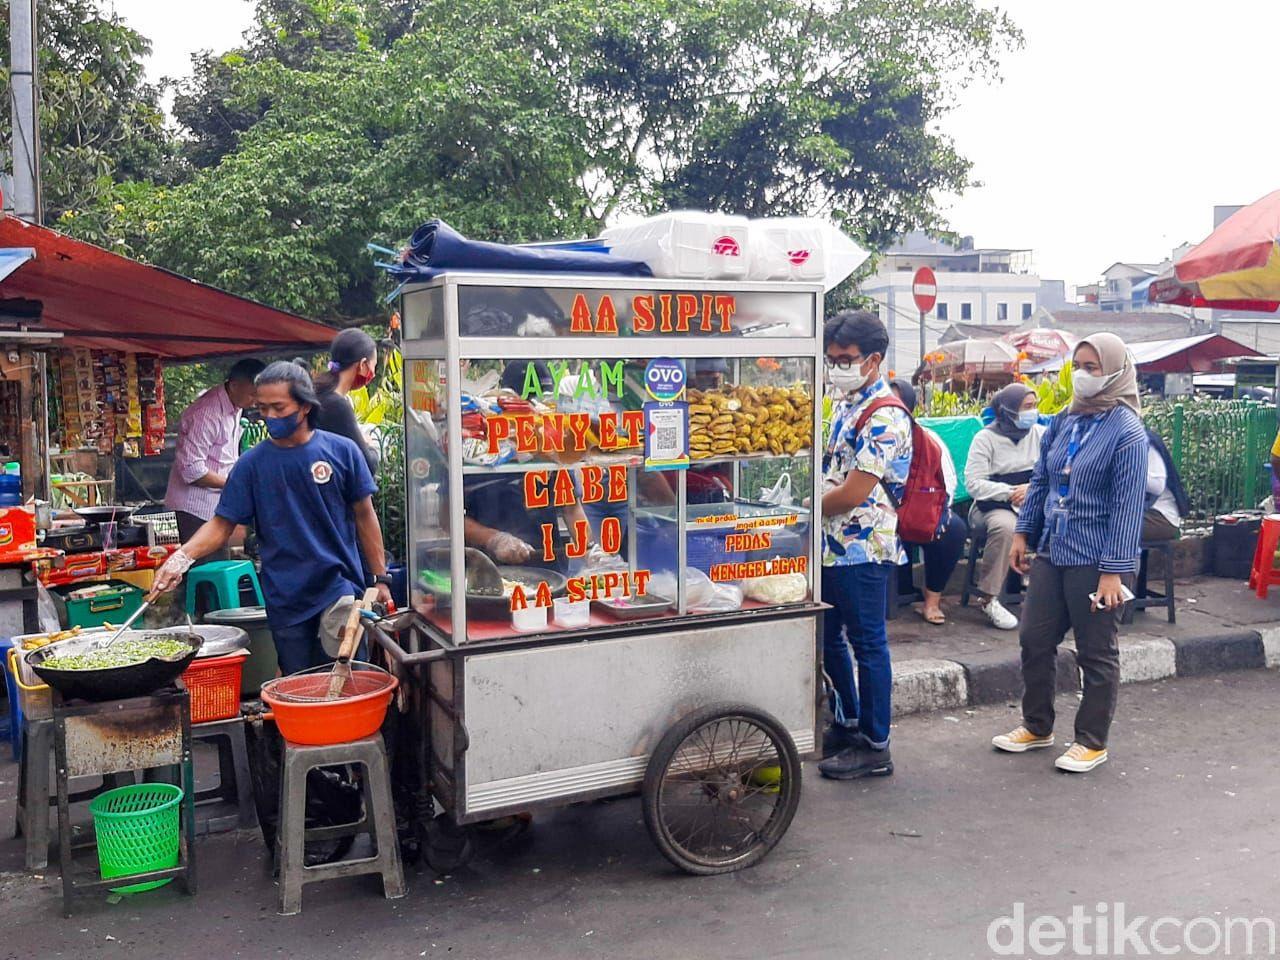 Ayam Penyet Cabe Ijo Aa Sipit Viral di Grand Indonesia. Sehari Bisa Habiskan 50 Kg Cabai Rawit Hijau dan 1.000 Potong Ayam.